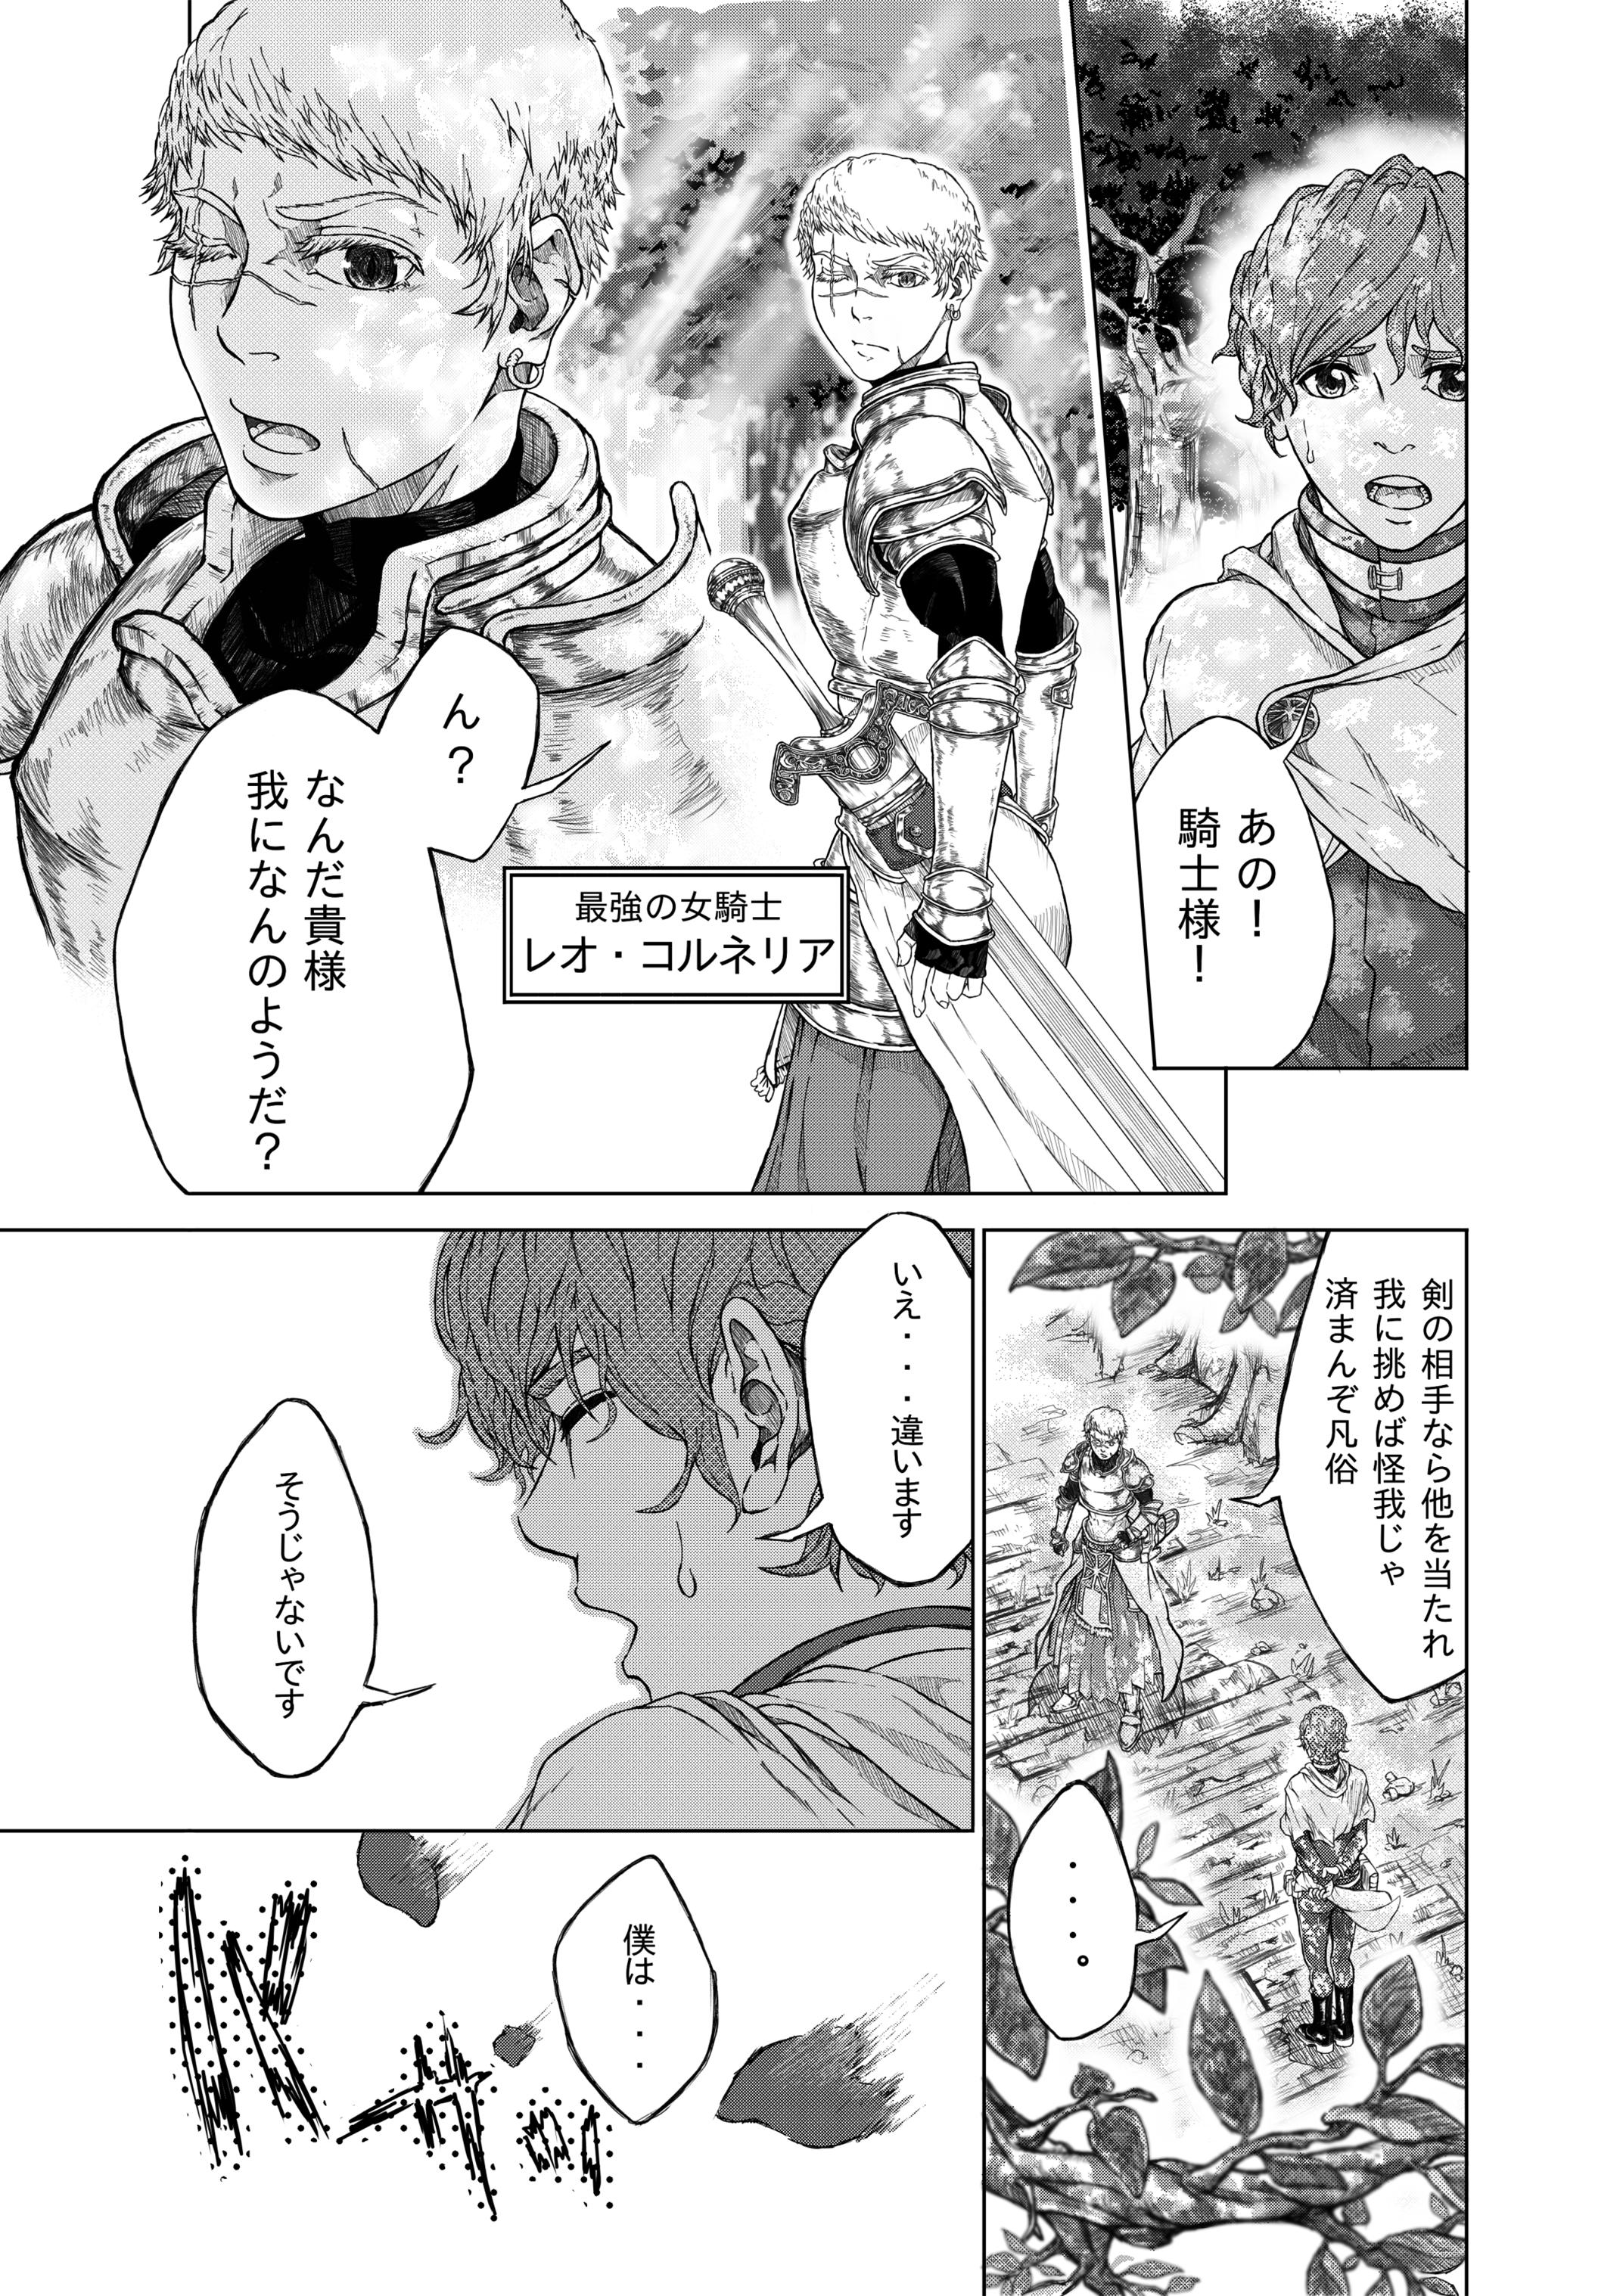 土屋清照/今まで女扱いされたことがない女騎士を女扱いする漫画